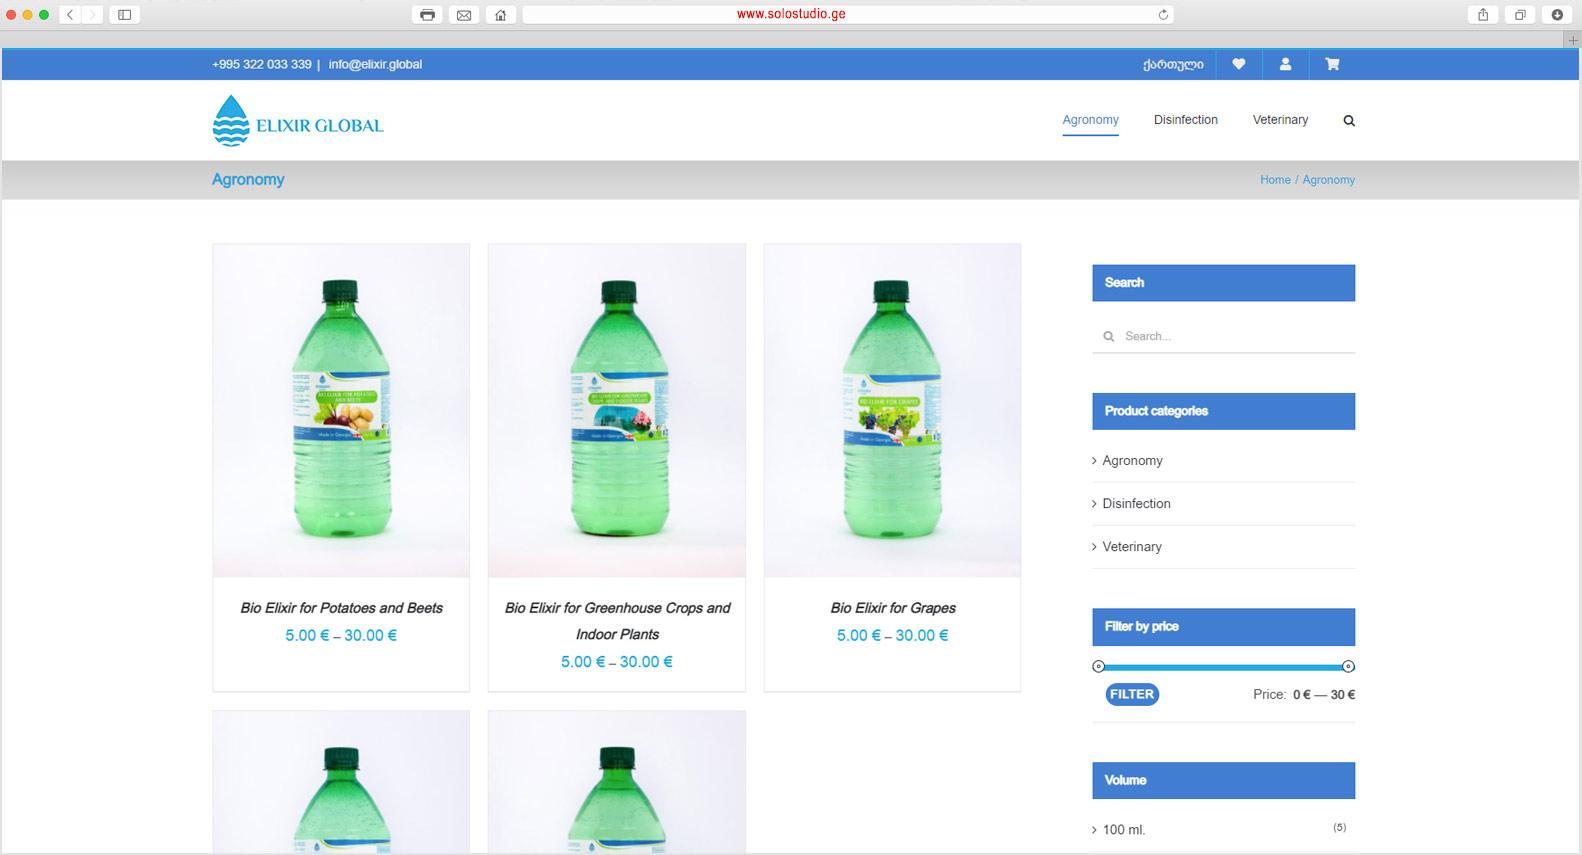 სოლოსტუდიო - ინტერნეტ მაღაზია - elixir.global, ელექტრონული კომერცია, საიტების დამზადება, ინტერნეტ მაღაზიის დამზადება, ინტერნეტ ვაჭრობა